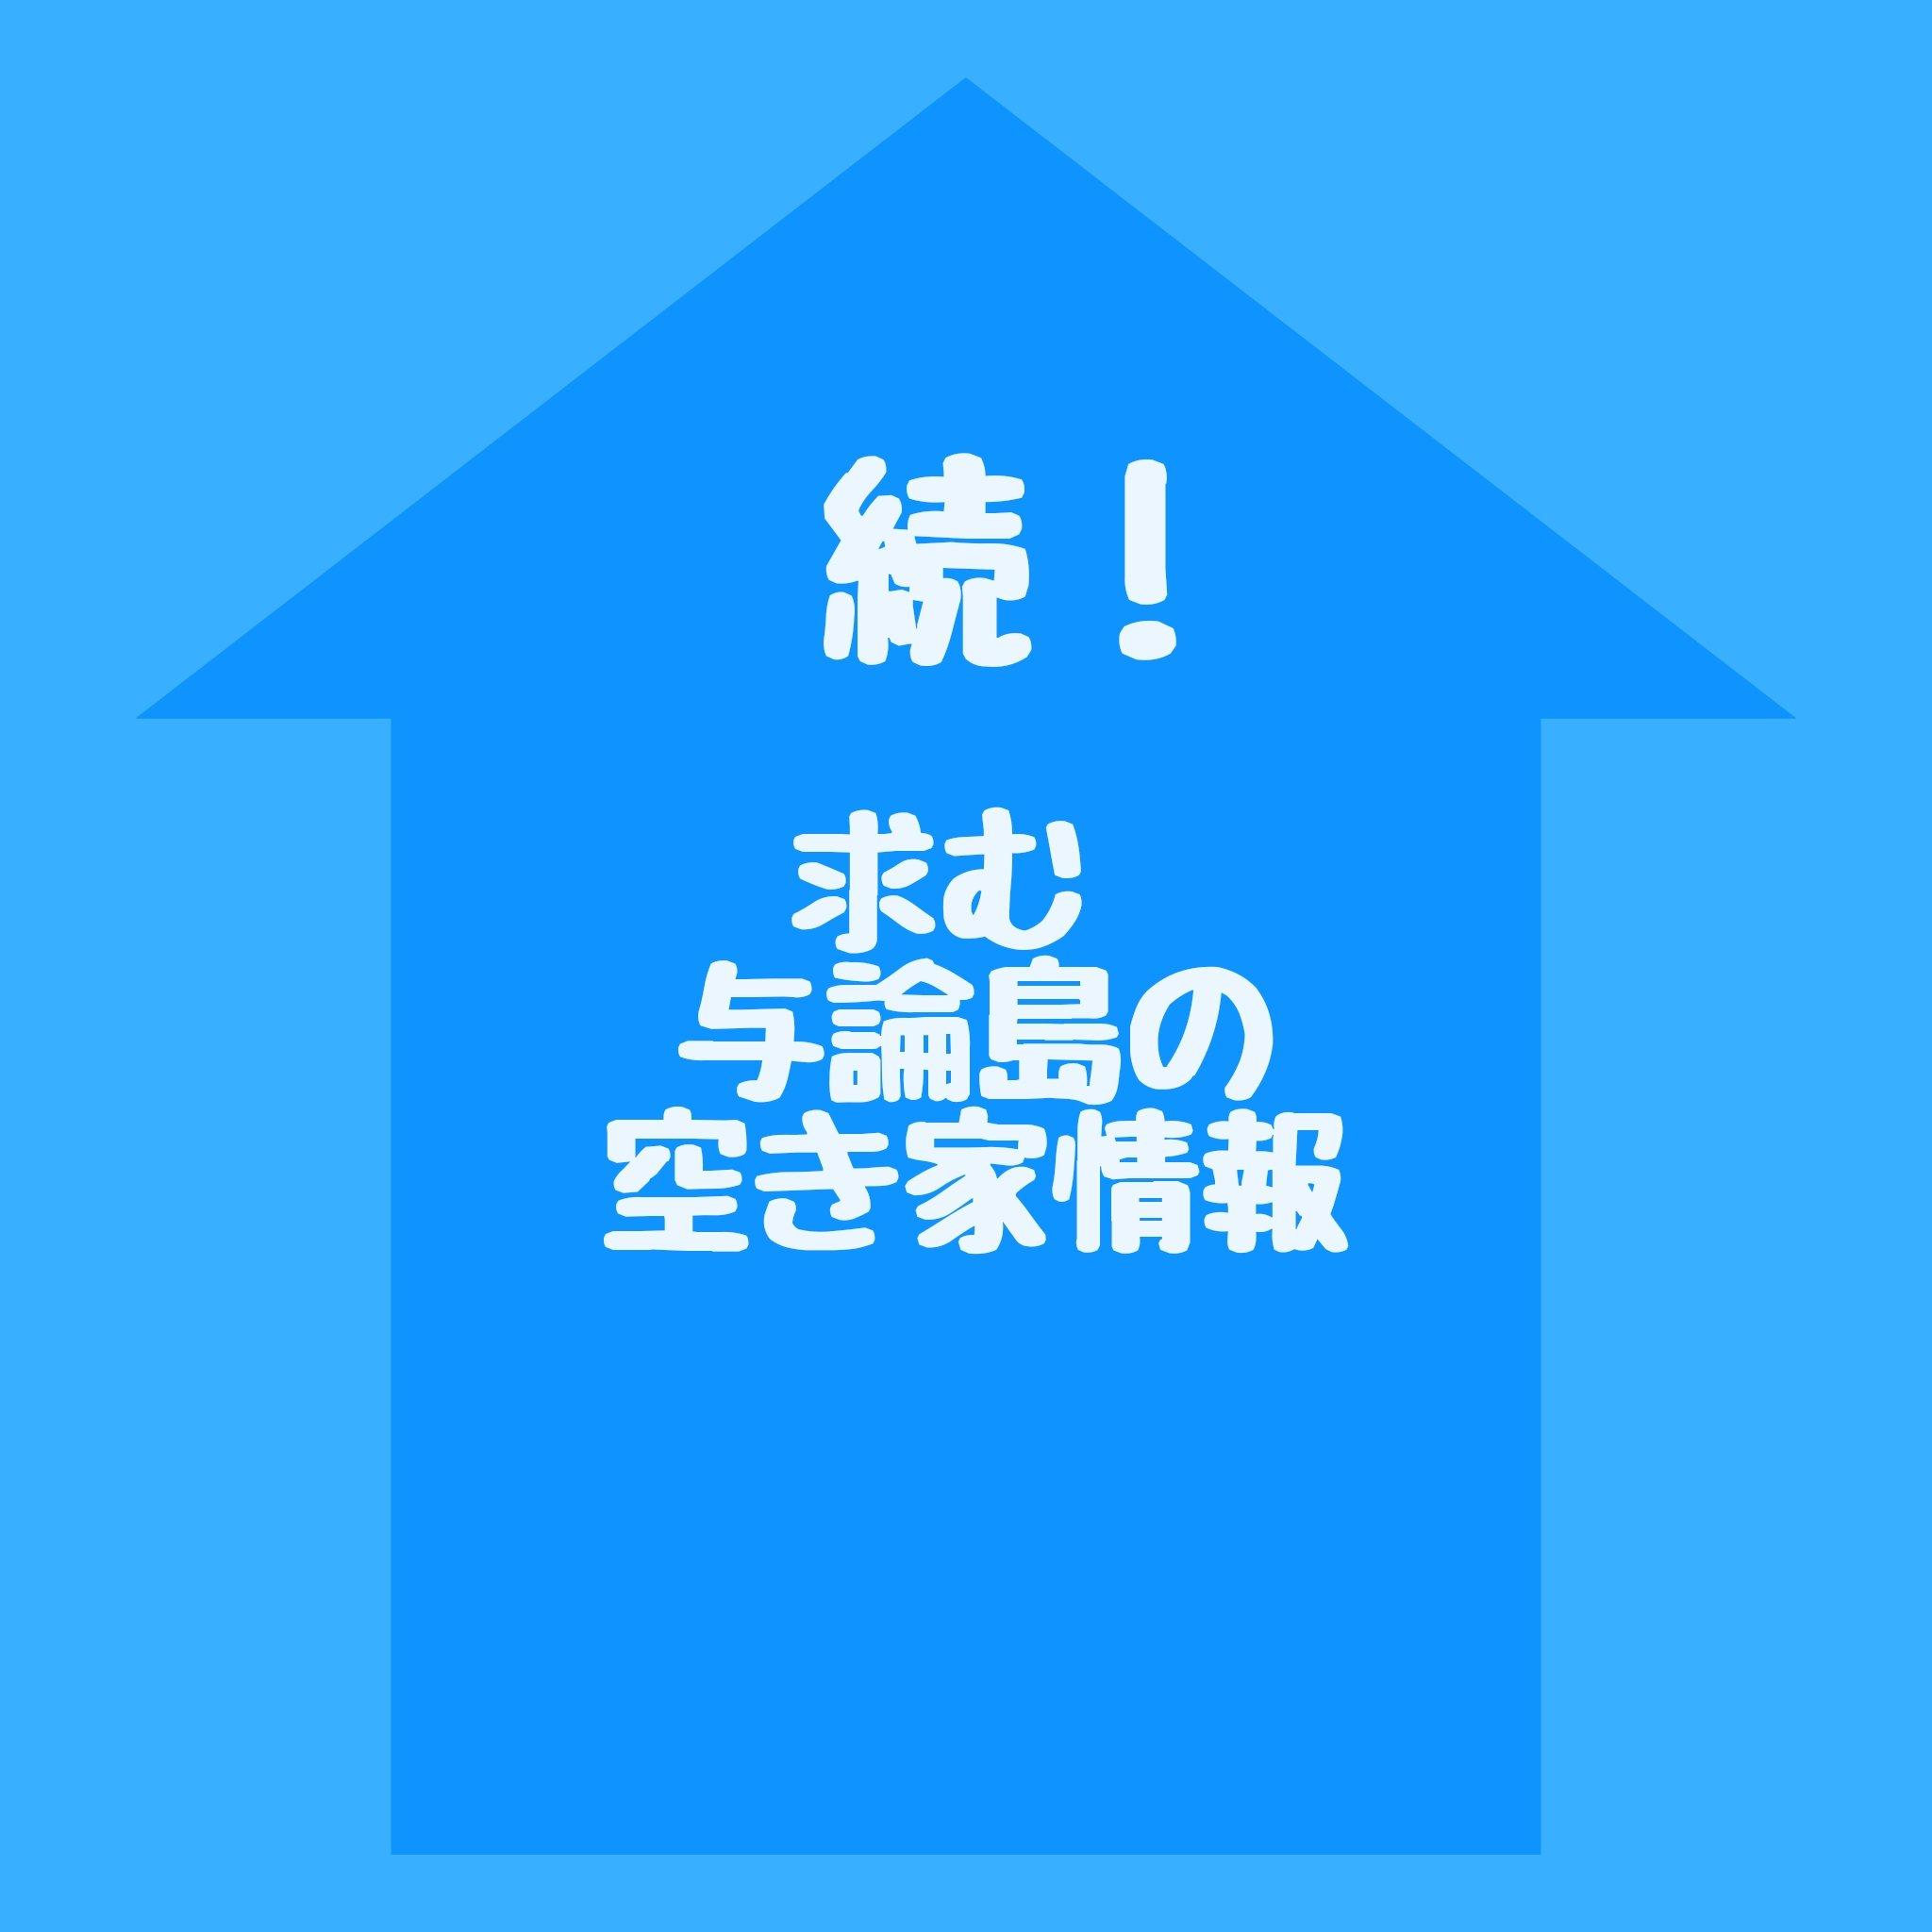 求む!与論島の空き家情報